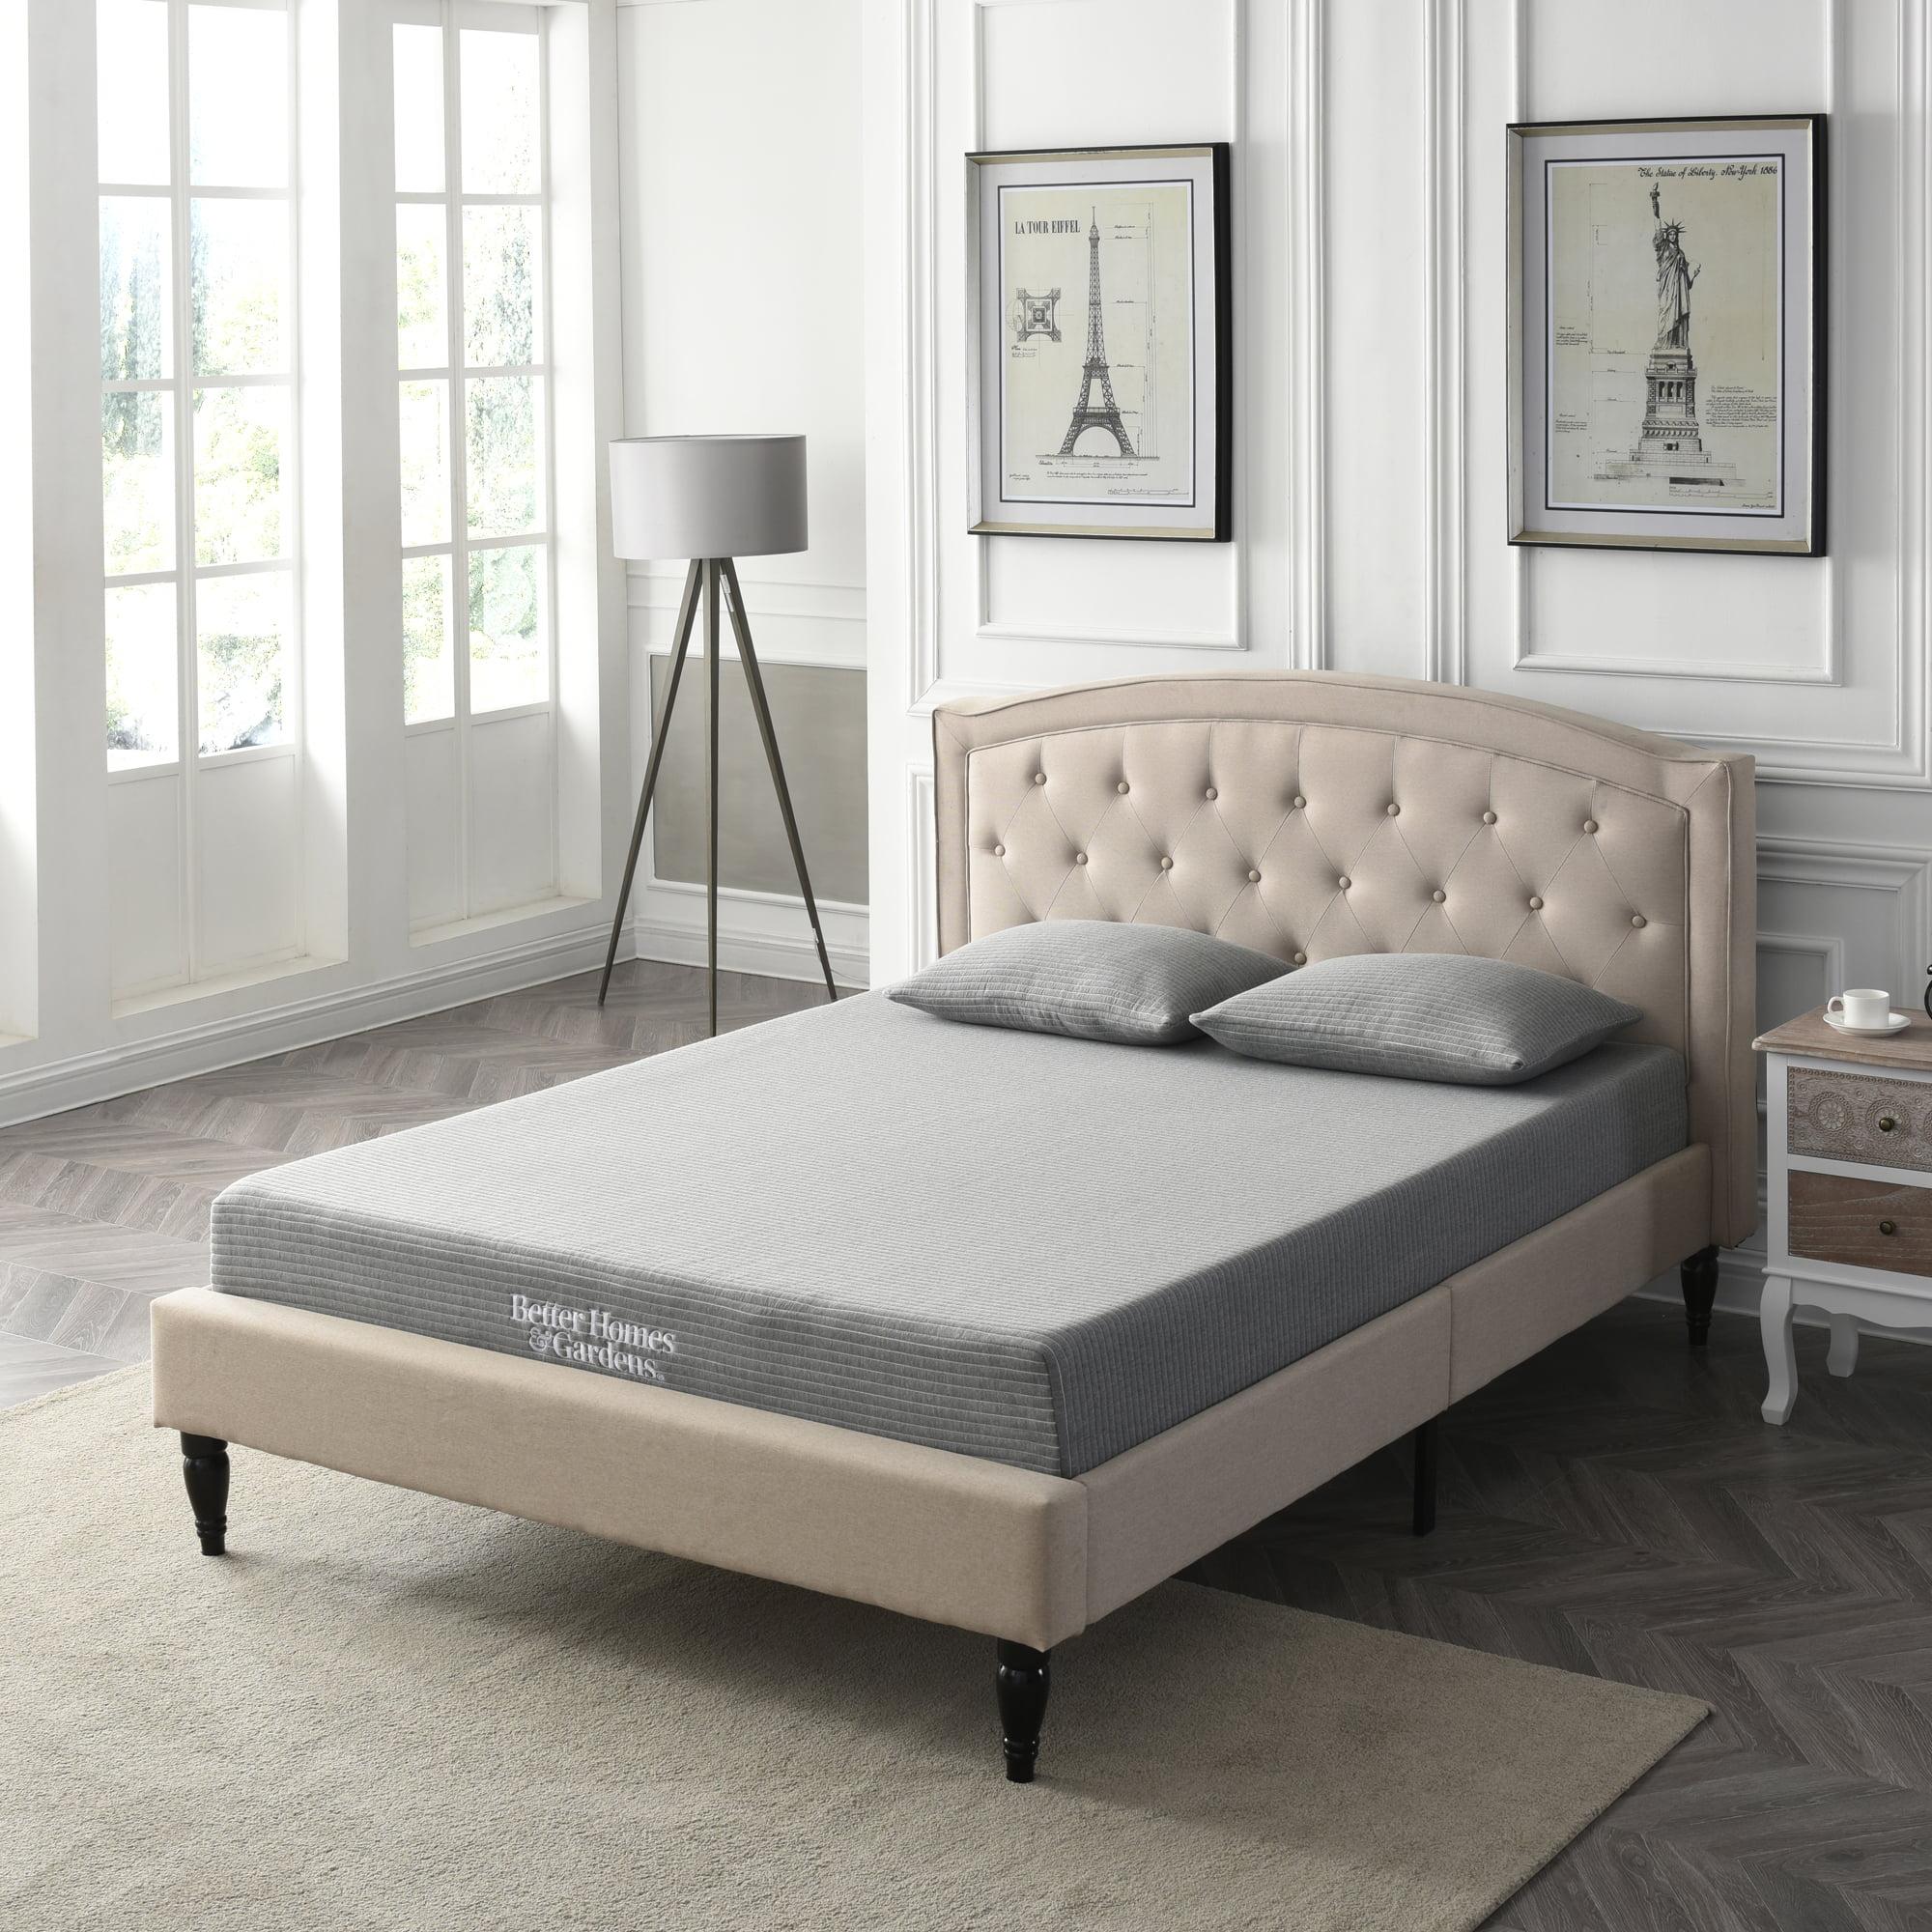 Better Homes & Gardens 8-Inch Gel Memory Foam Mattress